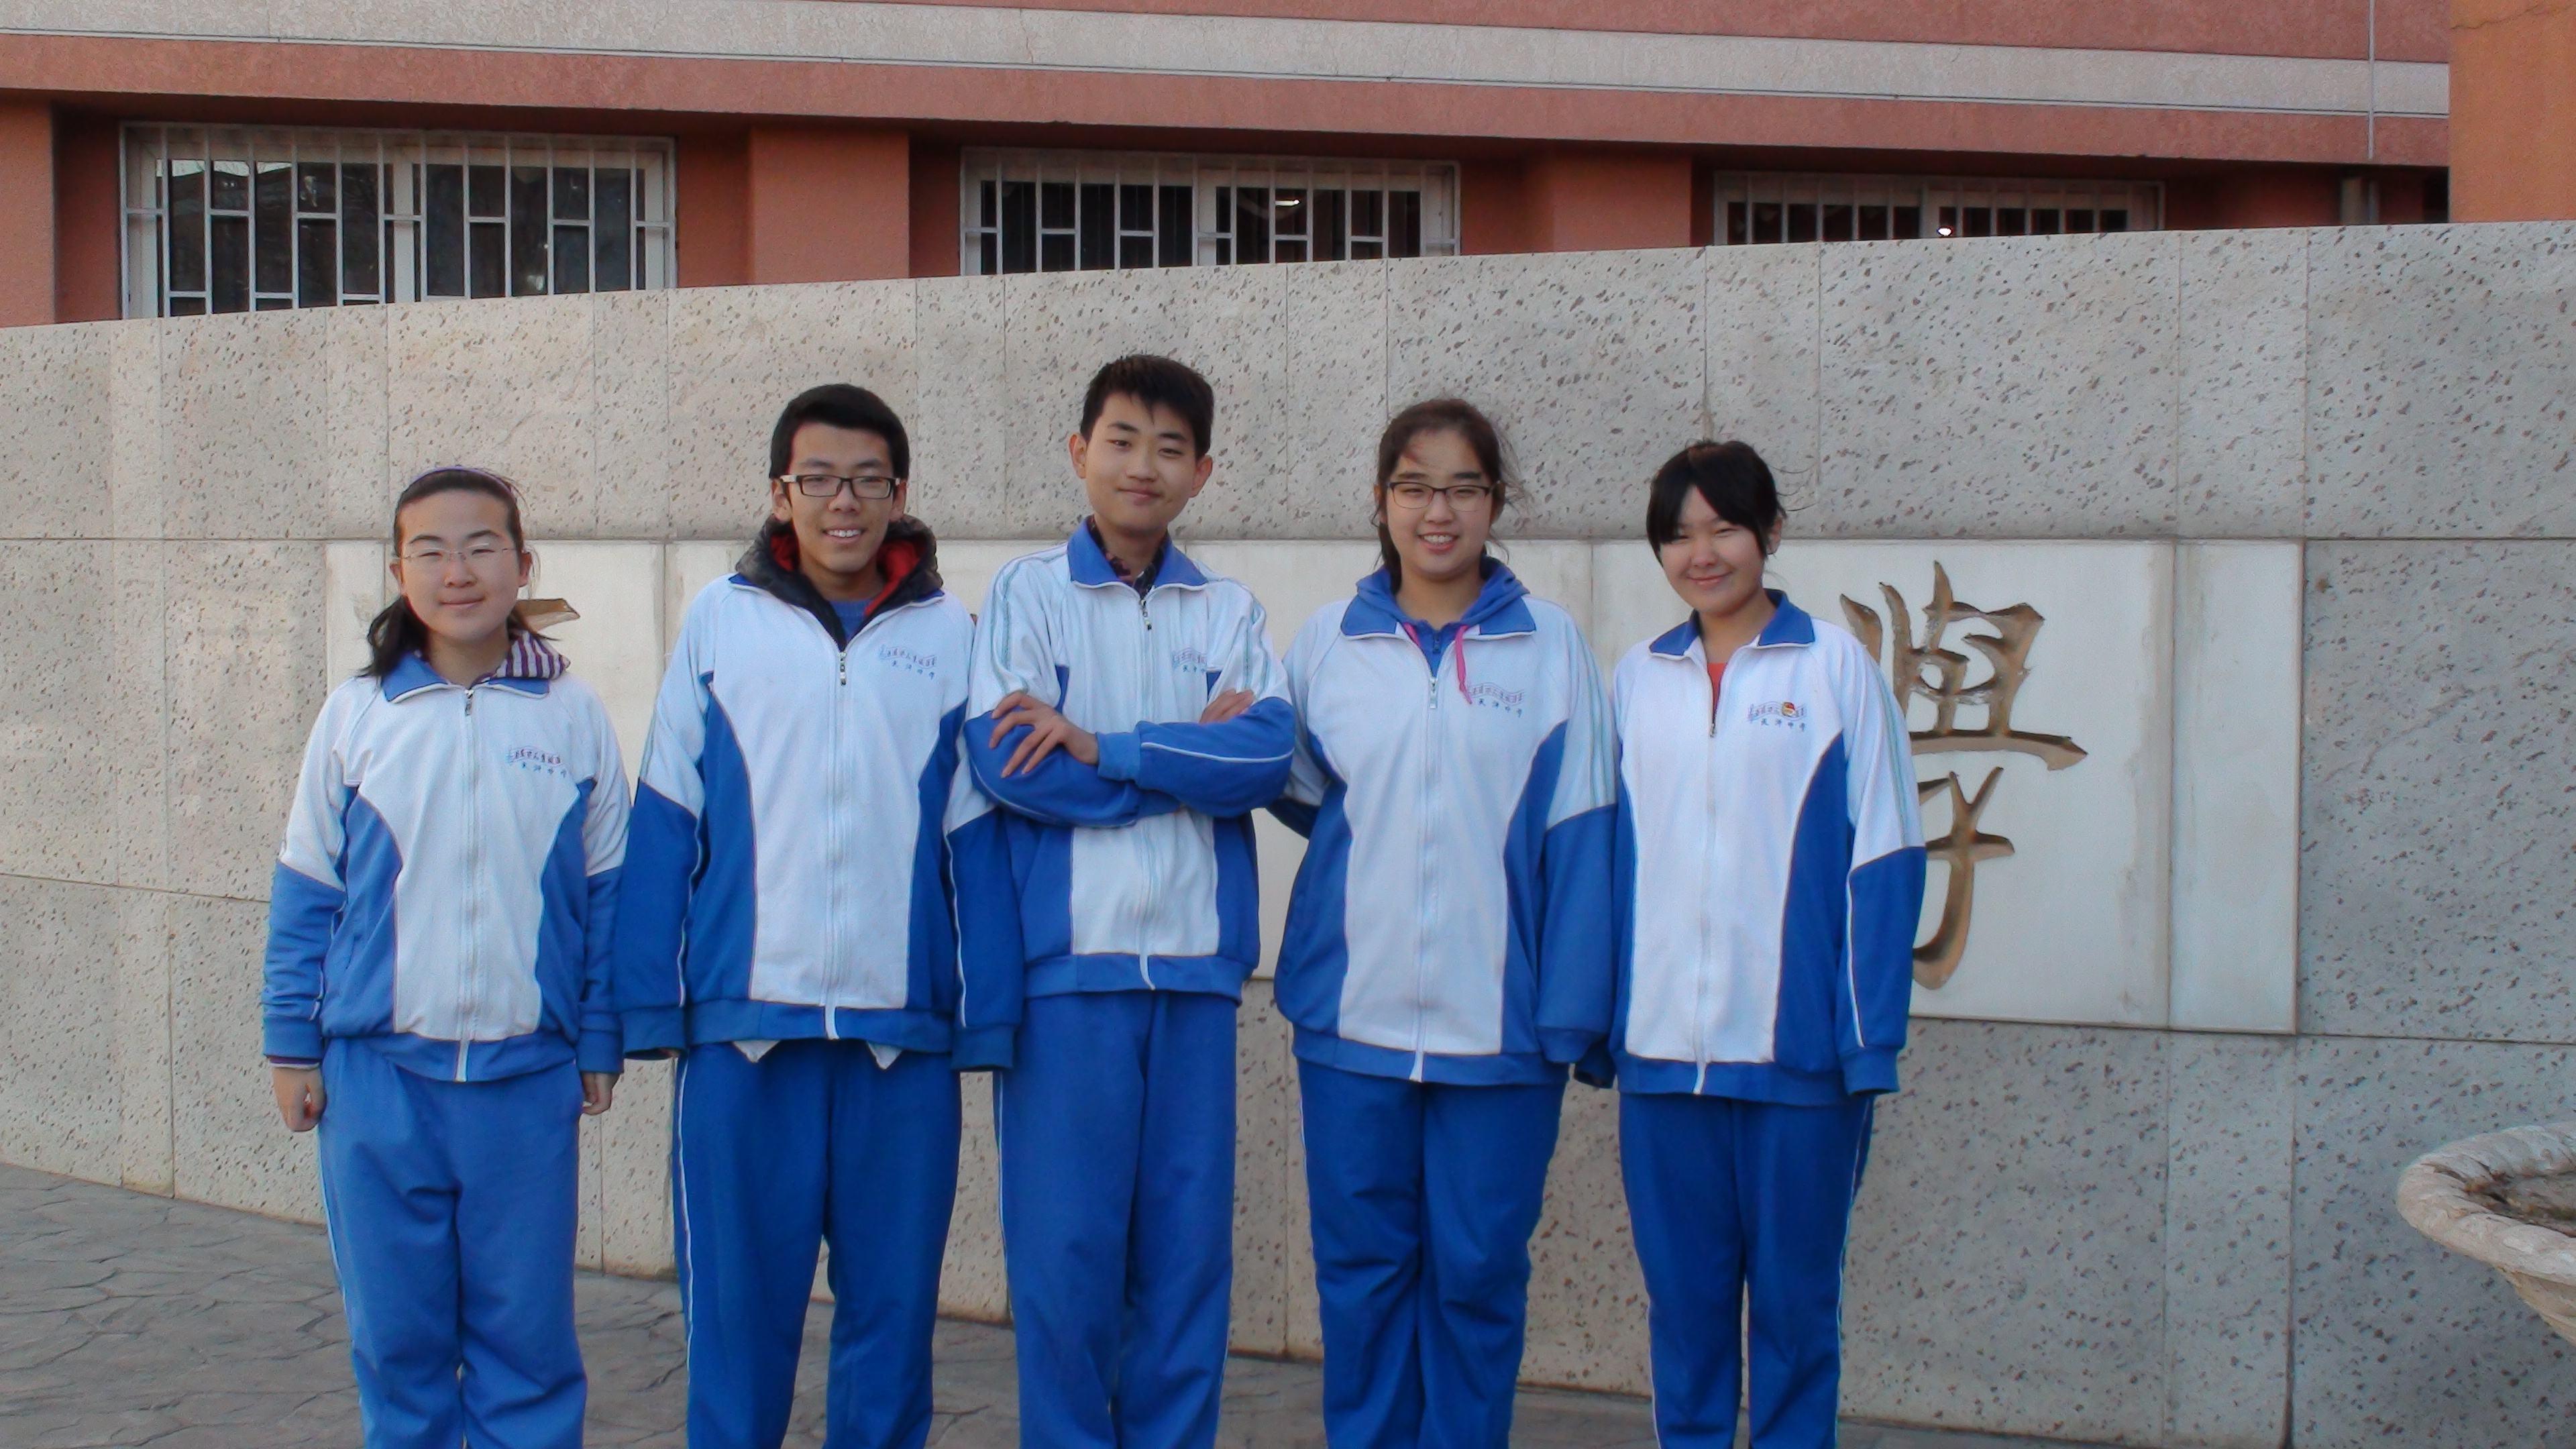 四川实力最强的3所中学,很受清华北大欢迎,重本率遥遥领先